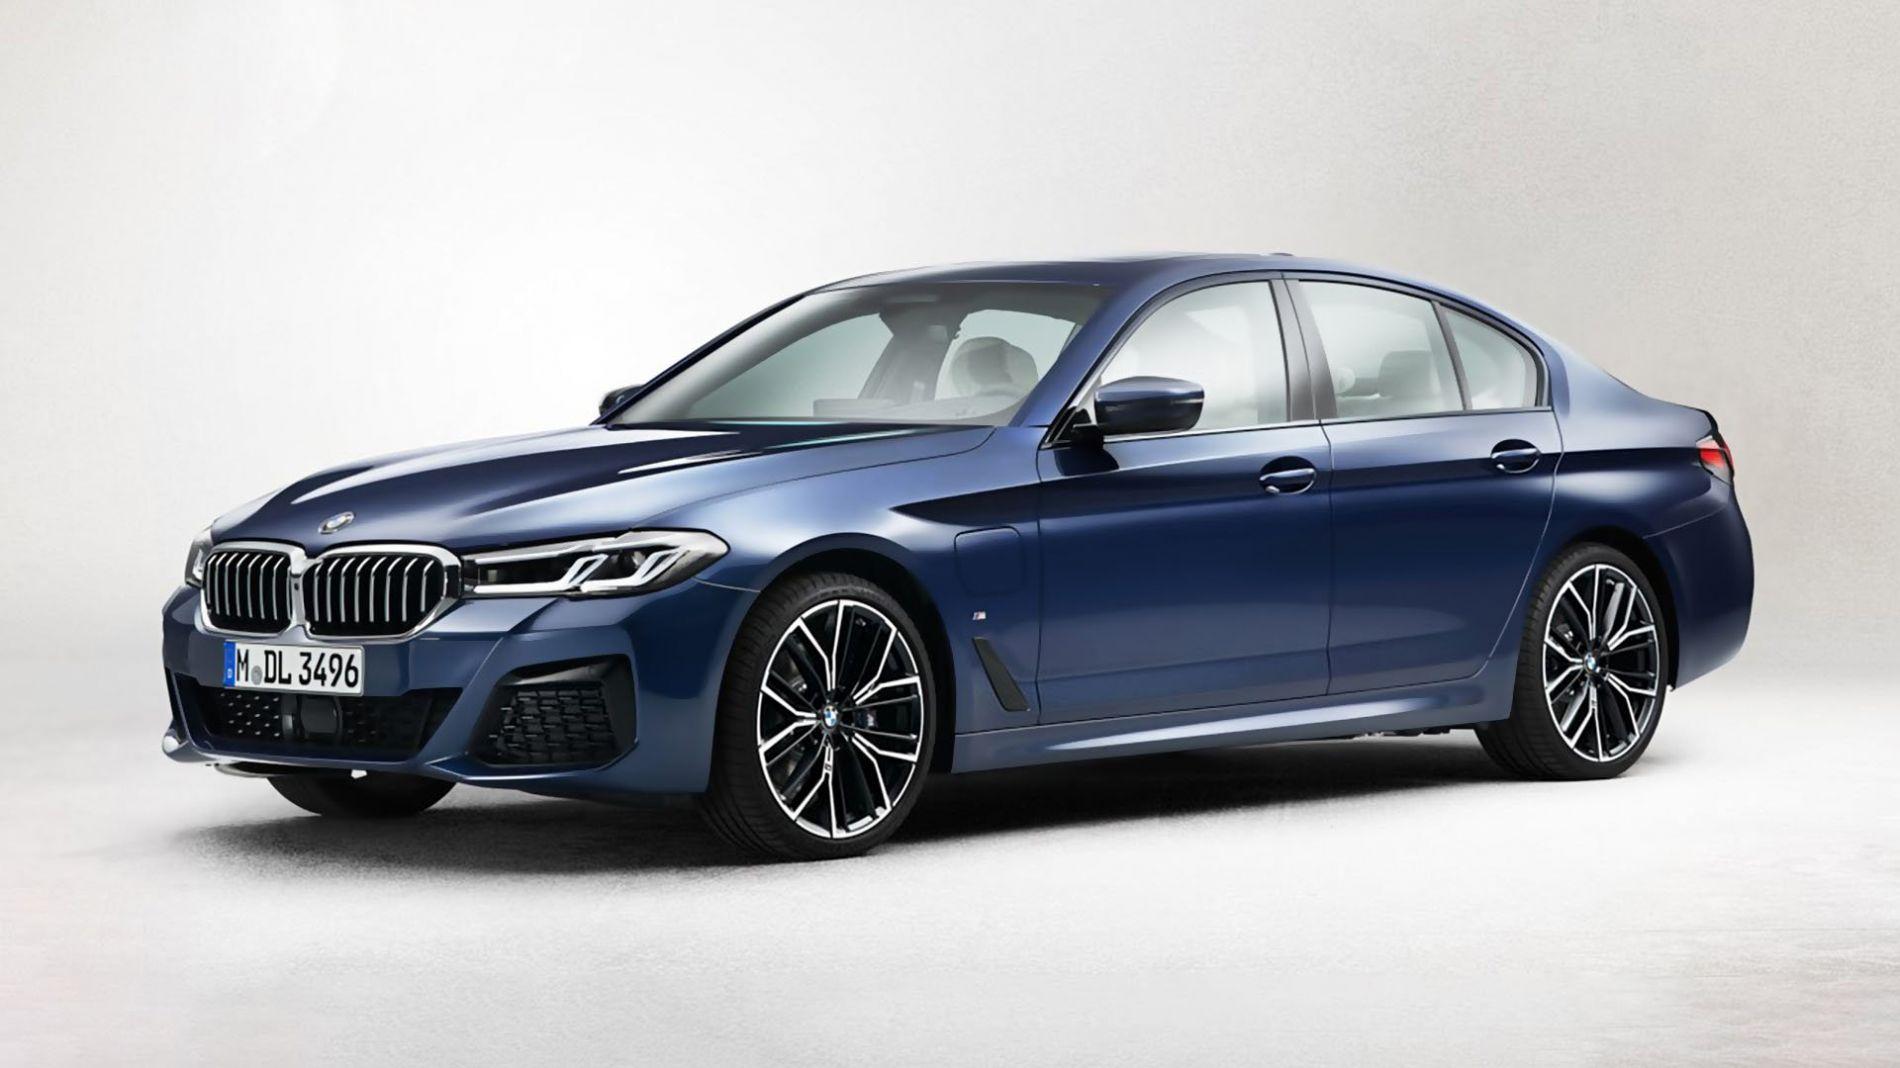 2021 BMW 5 Series - განახლებული დიზაინით